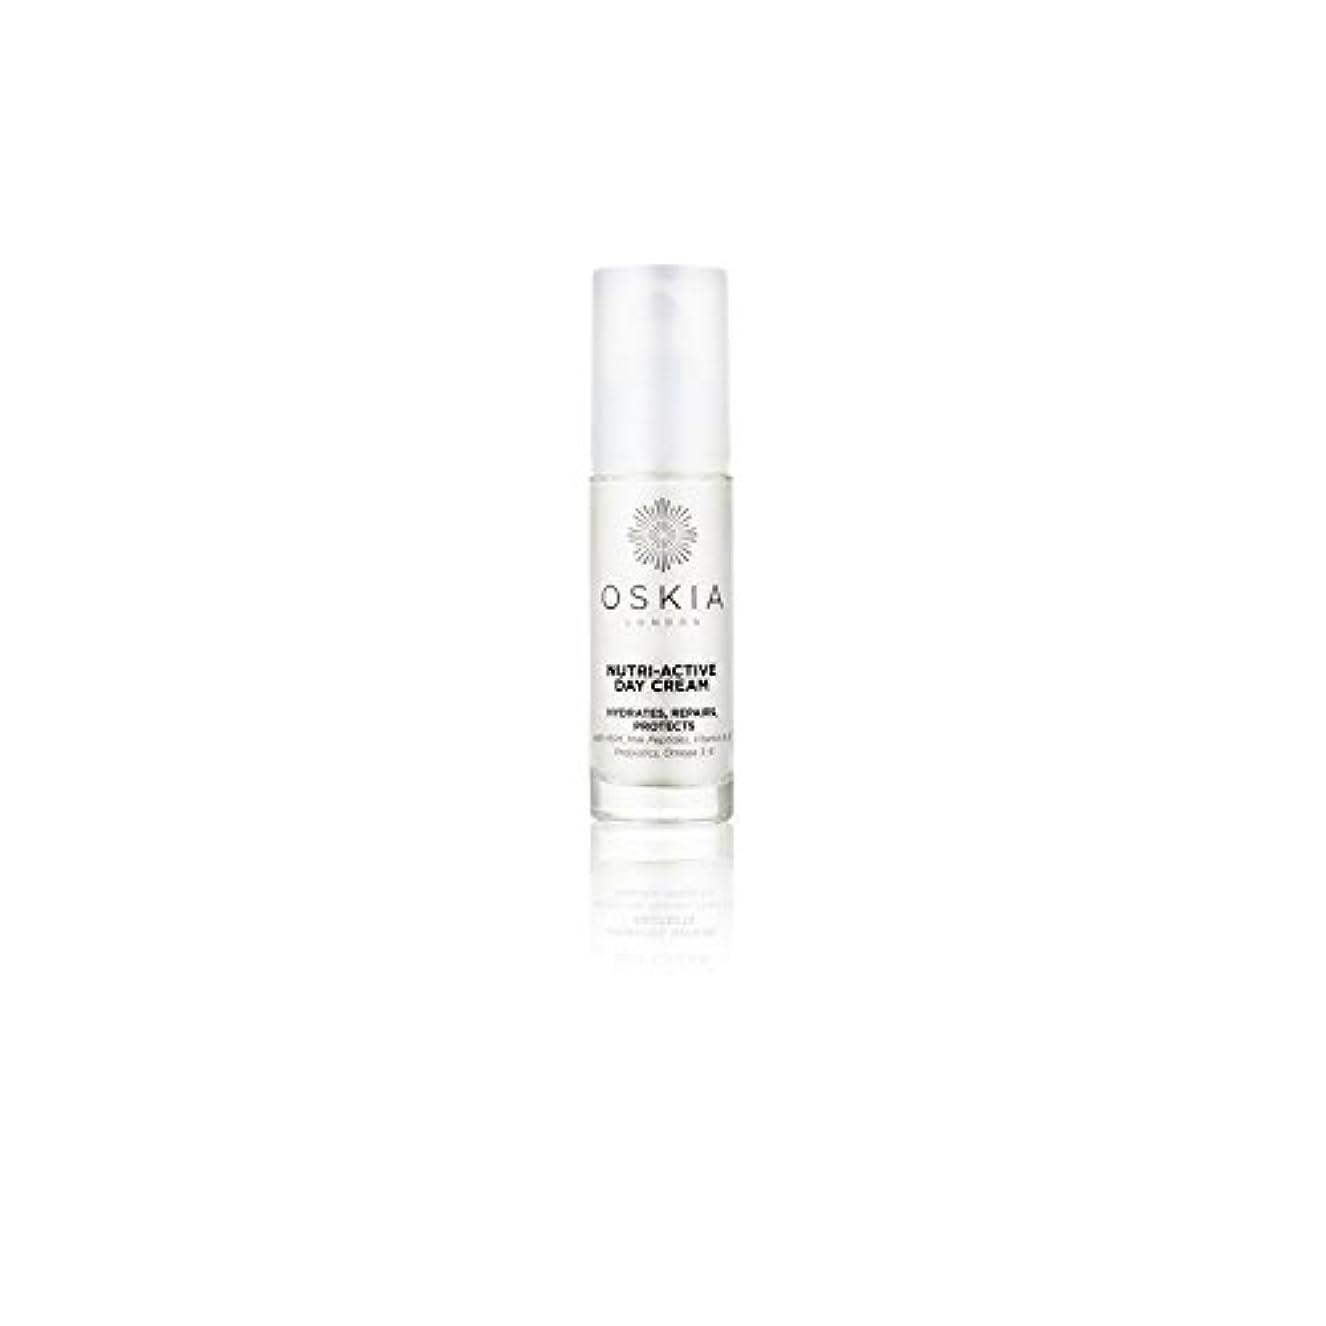 ジュニア薄い弁護人Oskia Nutri-Active Day Cream (40ml) (Pack of 6) - のニュートリアクティブデイクリーム(40ミリリットル) x6 [並行輸入品]